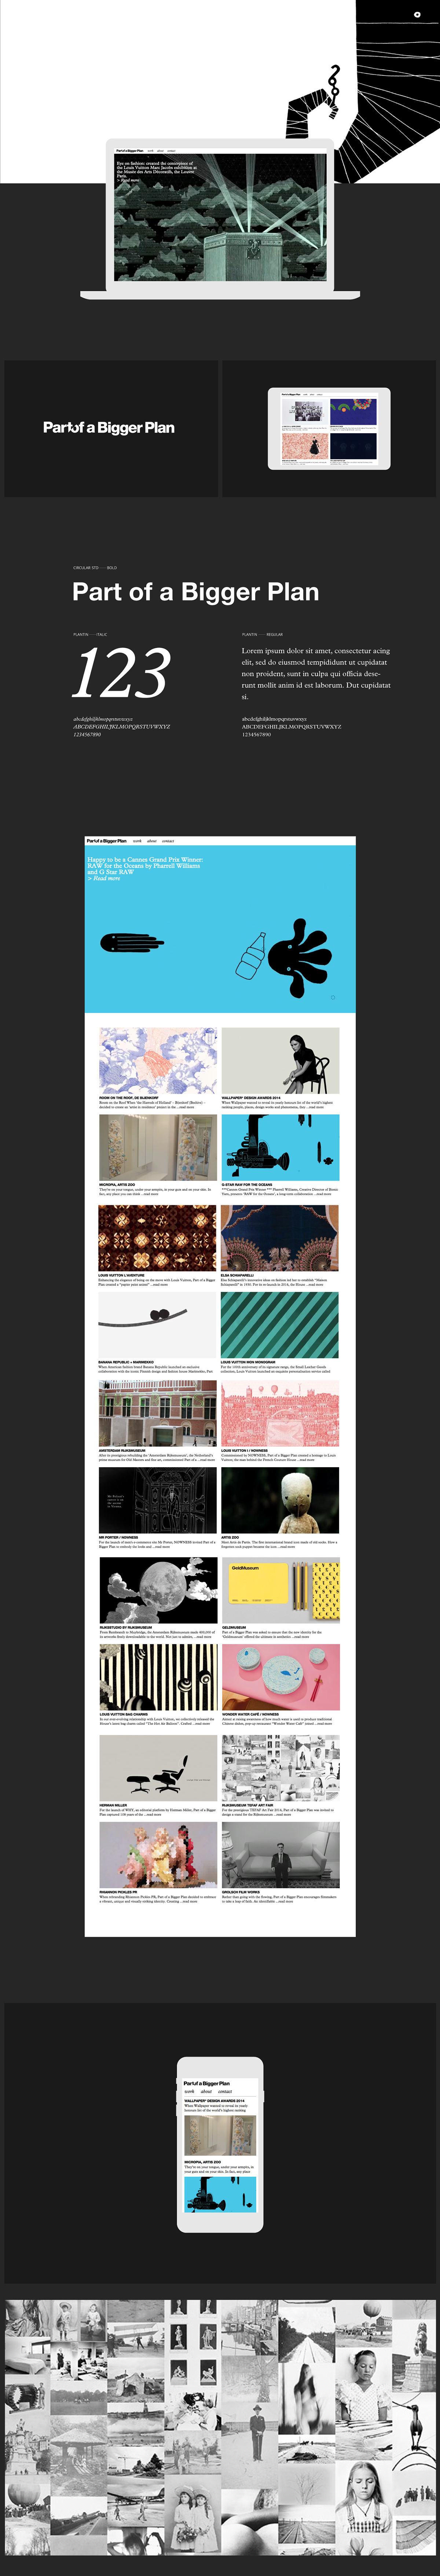 Part Of A Bigger Plan Website On Behance